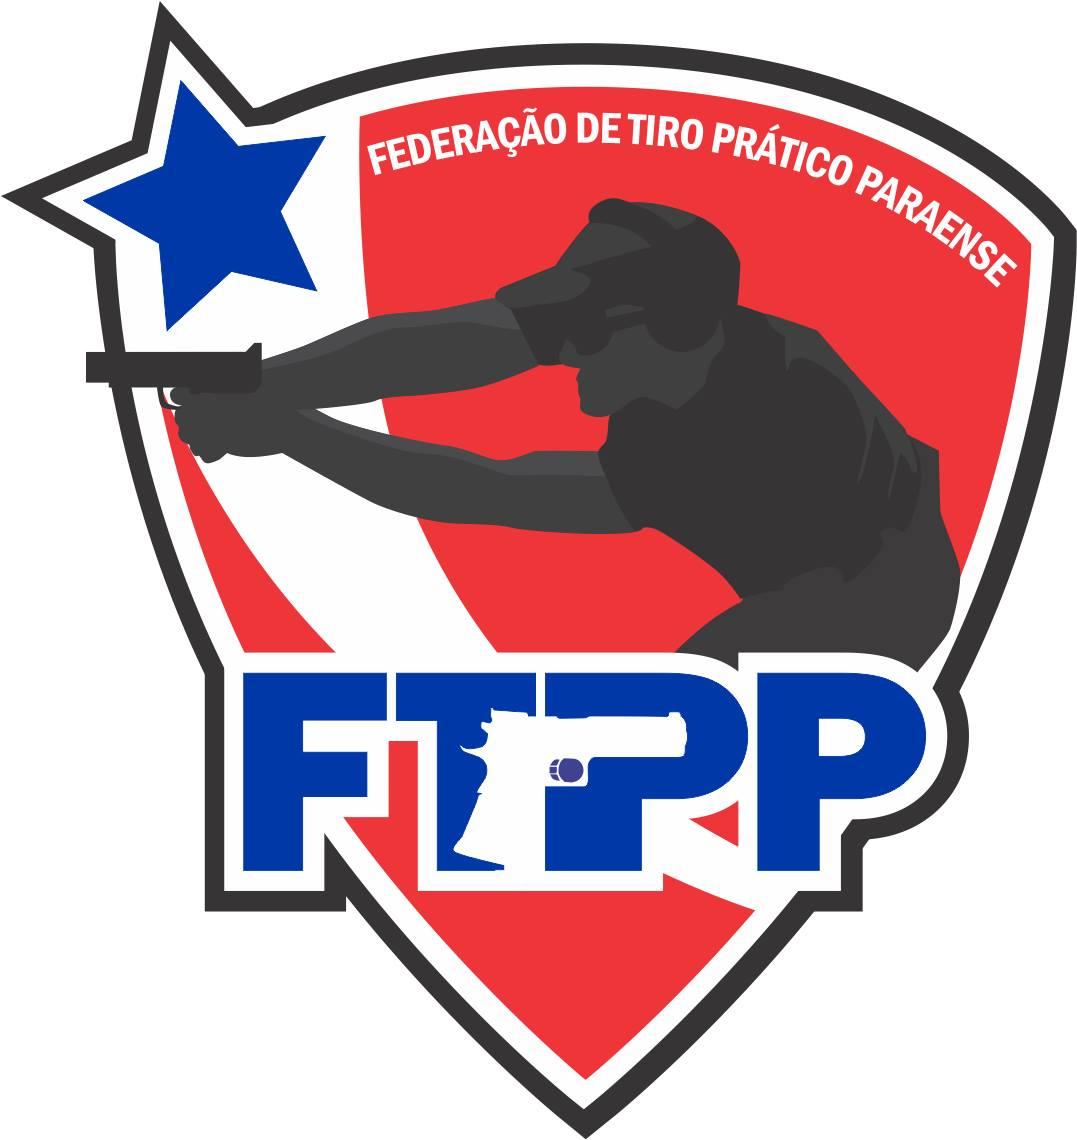 Logo FTPP